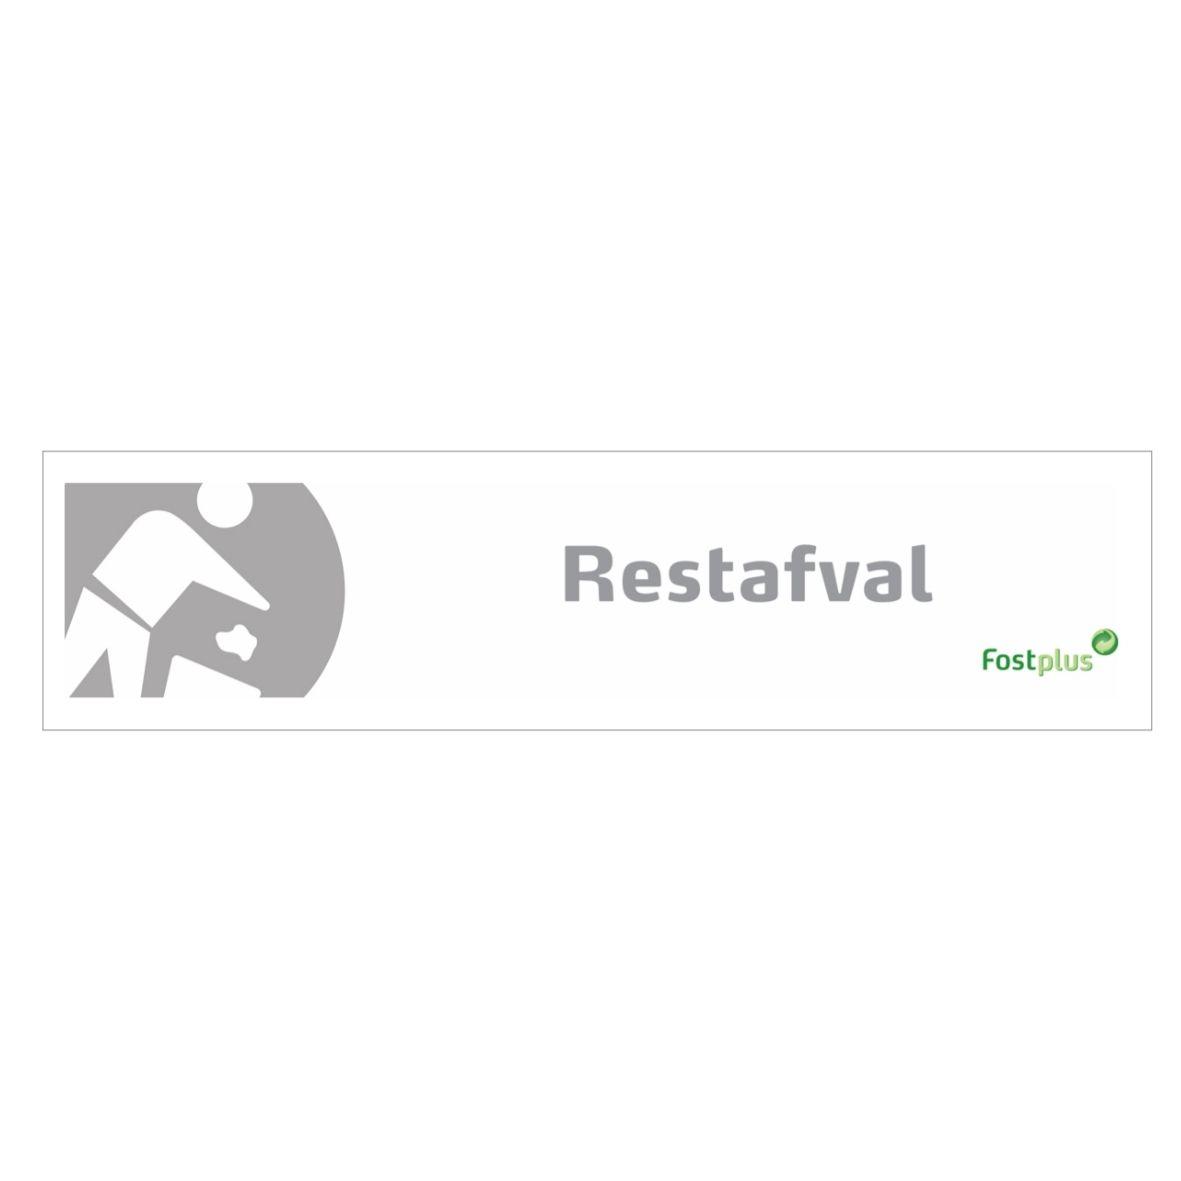 Rest Sticker 40x8